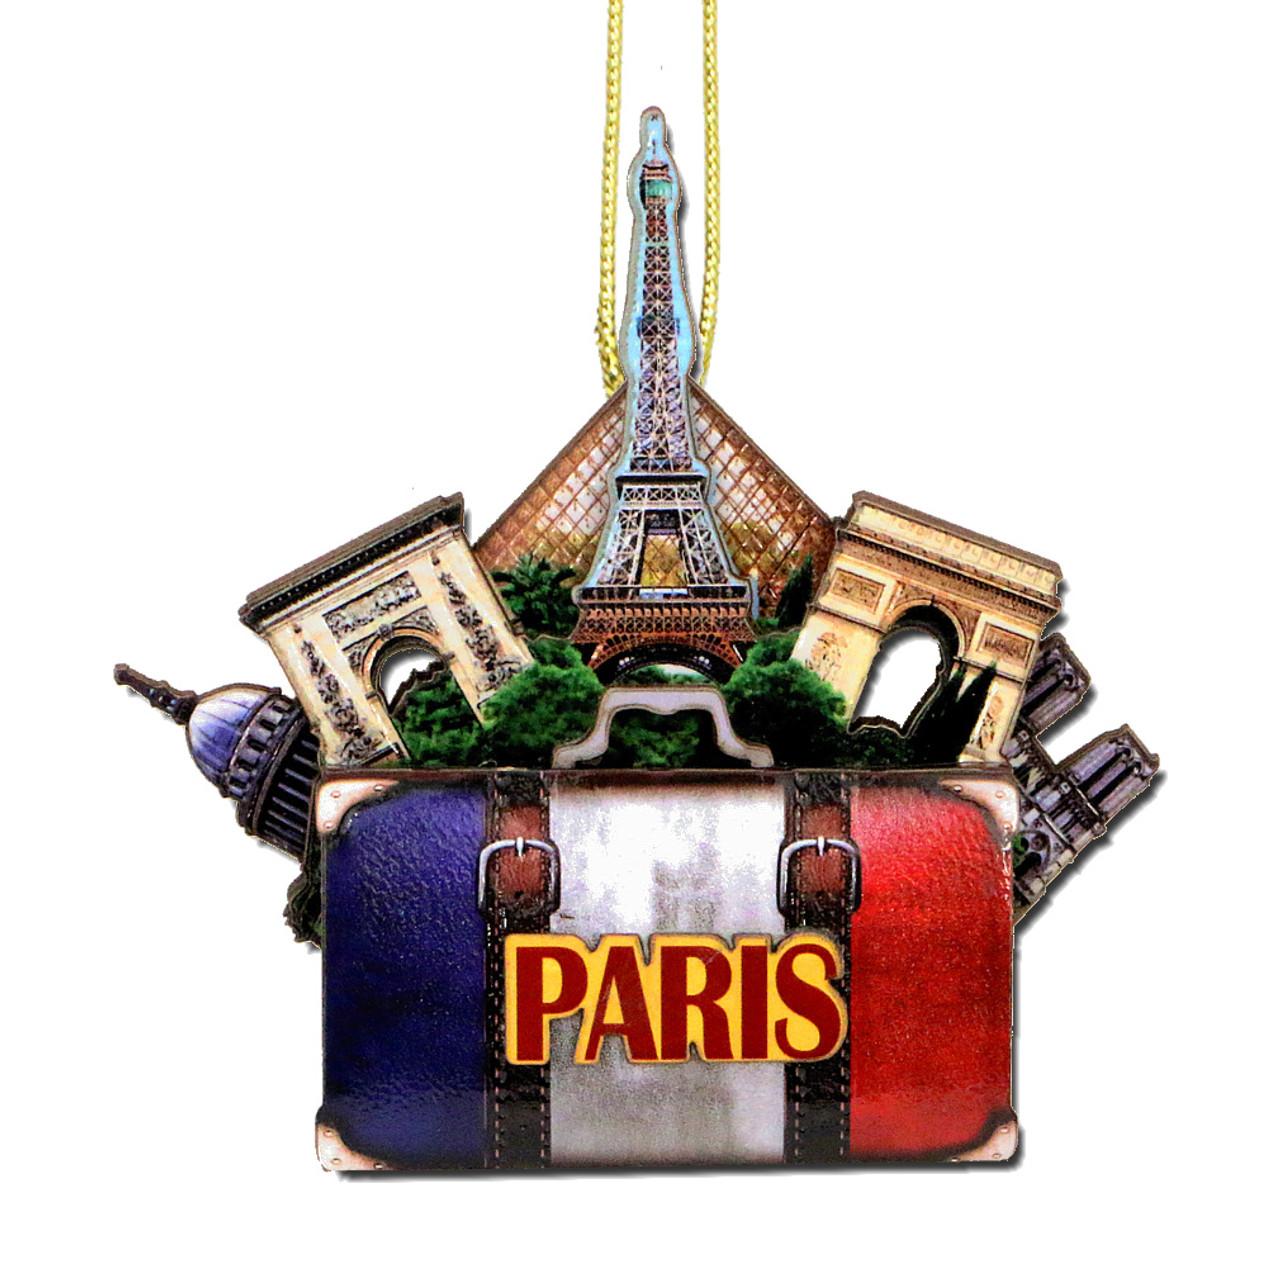 Paris Christmas Ornament.3d Paris Christmas Ornament